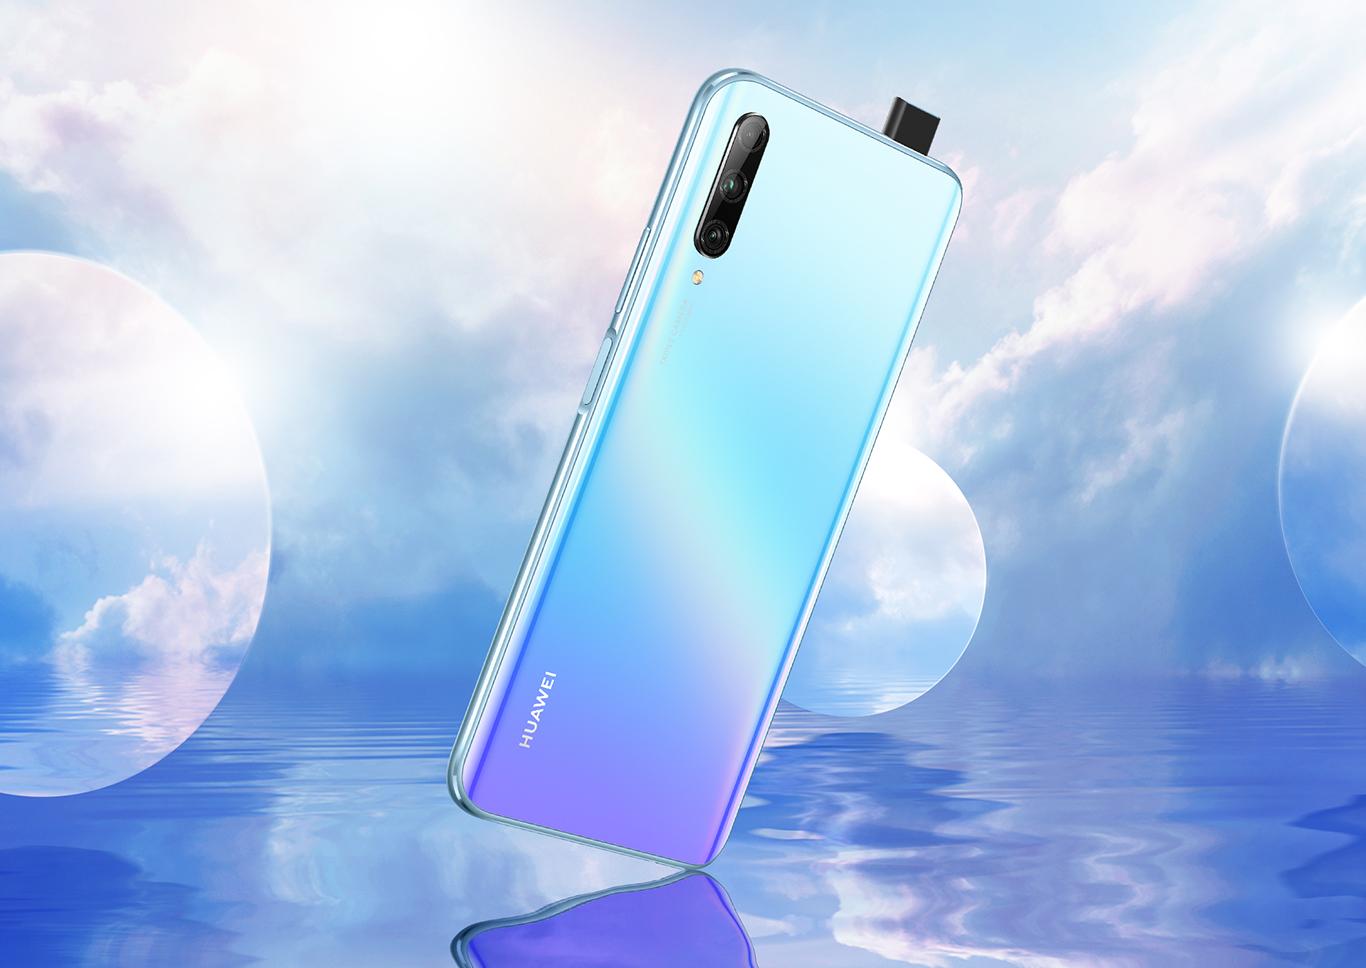 هواويY9sيحقق نجاح كبير منذ الإعلان عنه في سوق الهواتف الذكية بمصر